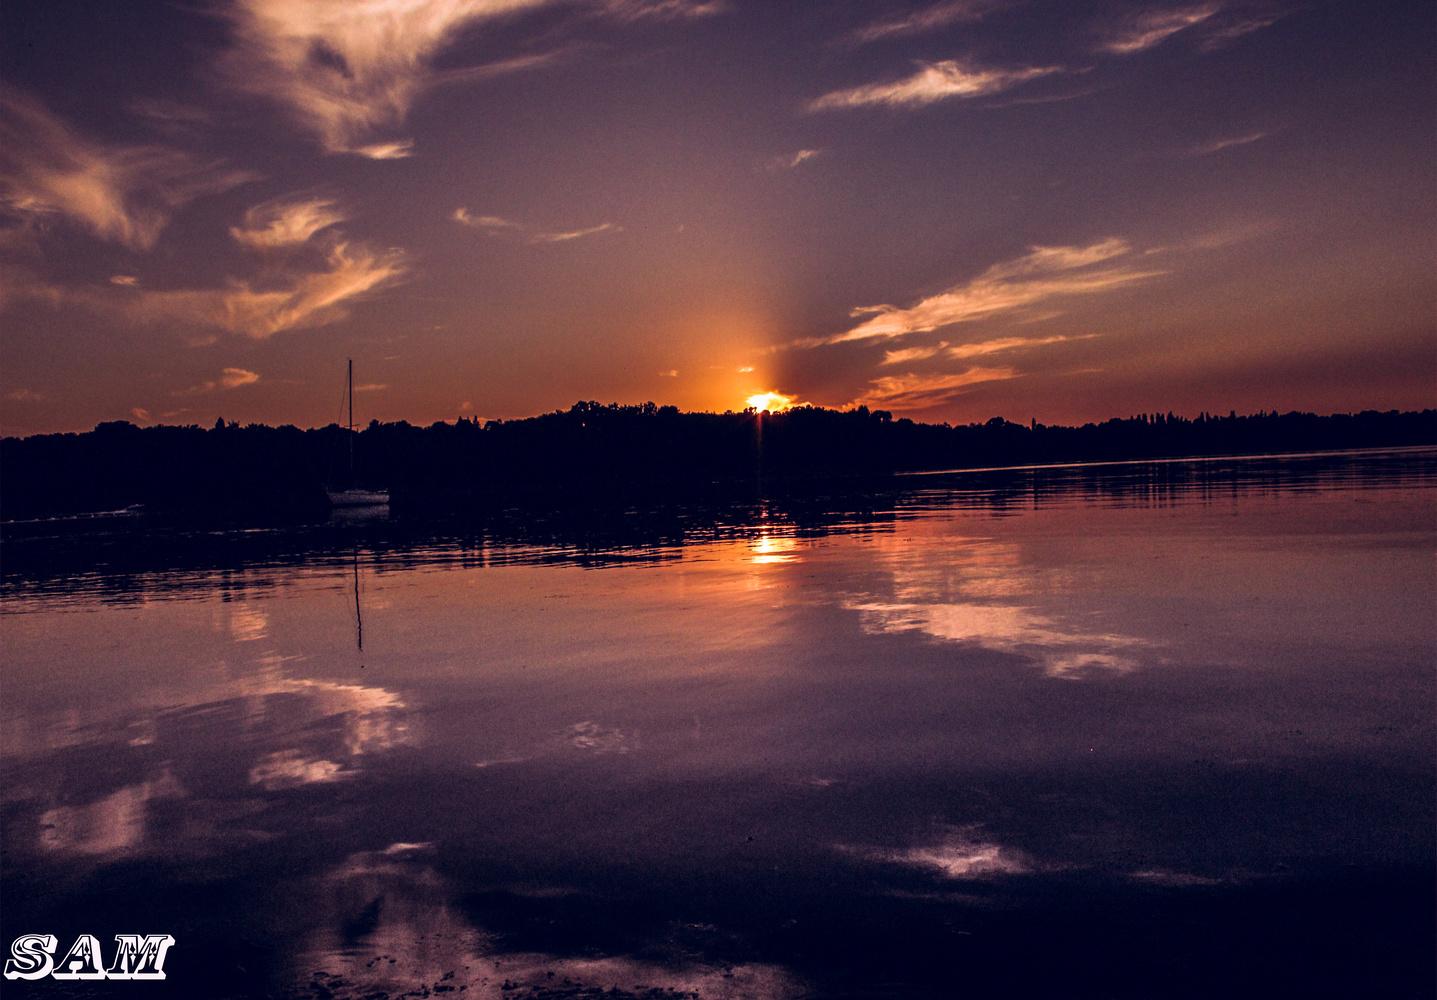 sunset by osamh shtiwe